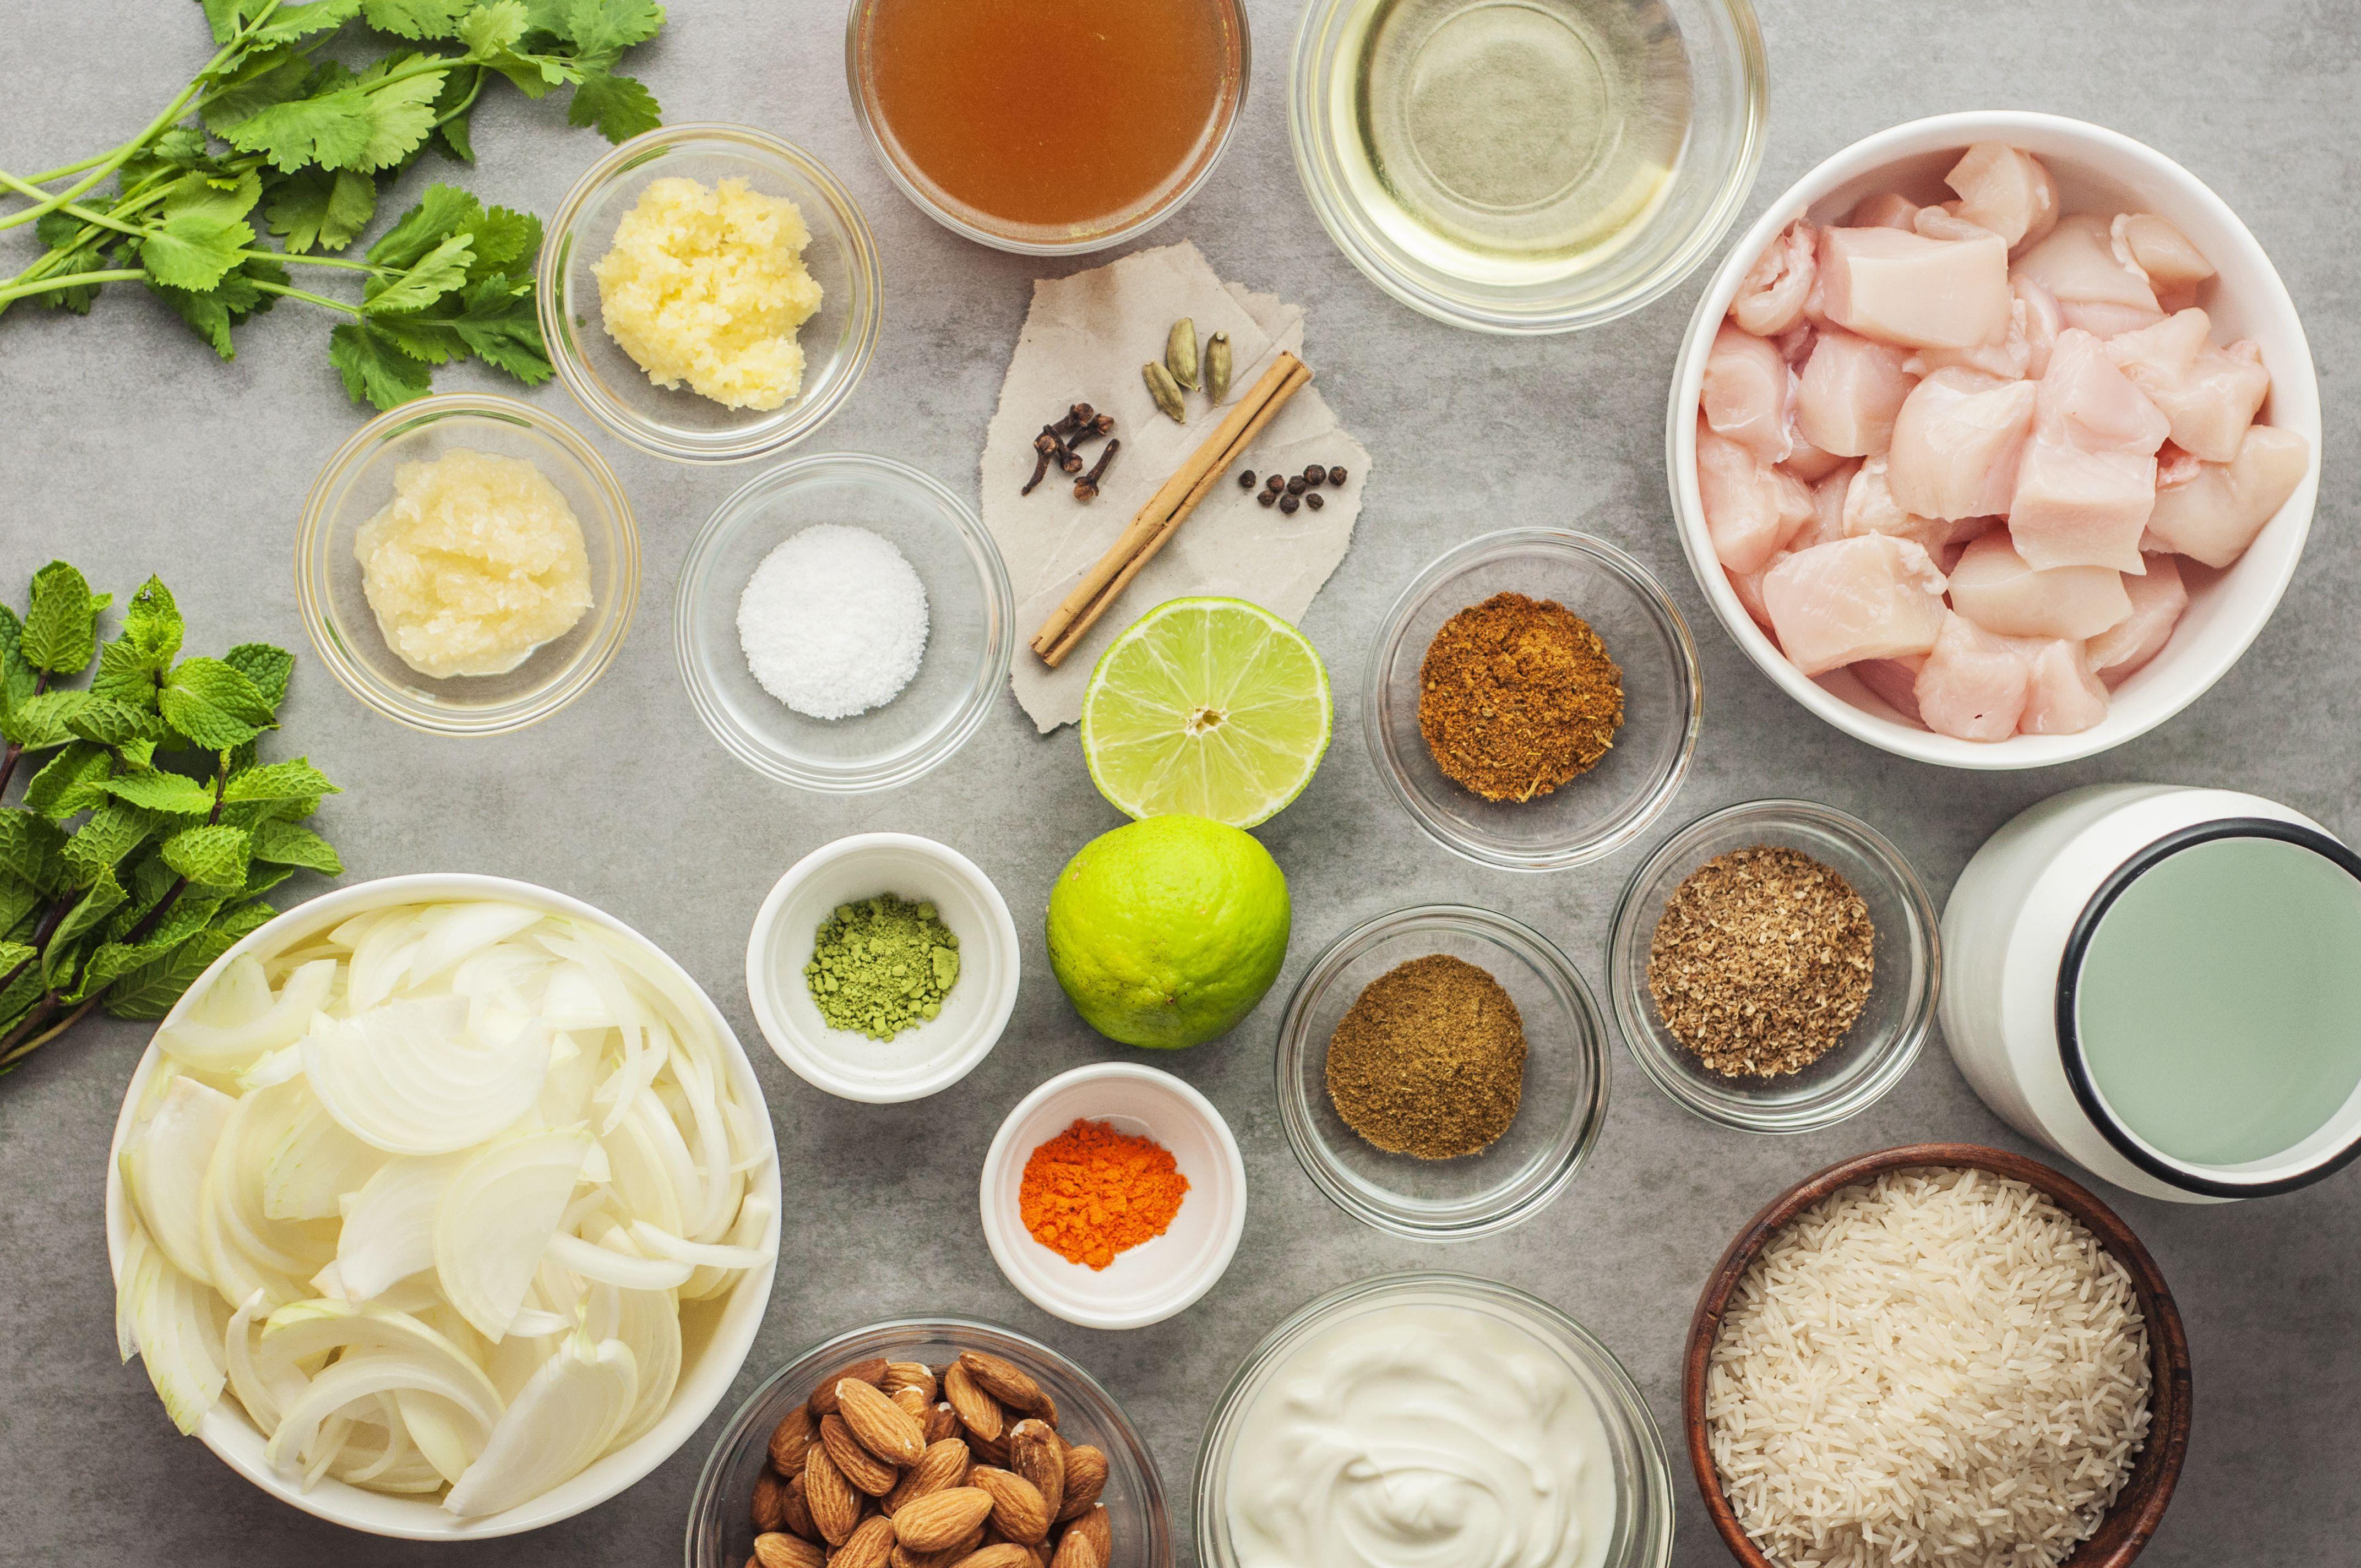 Mighlai biryani ingredients.